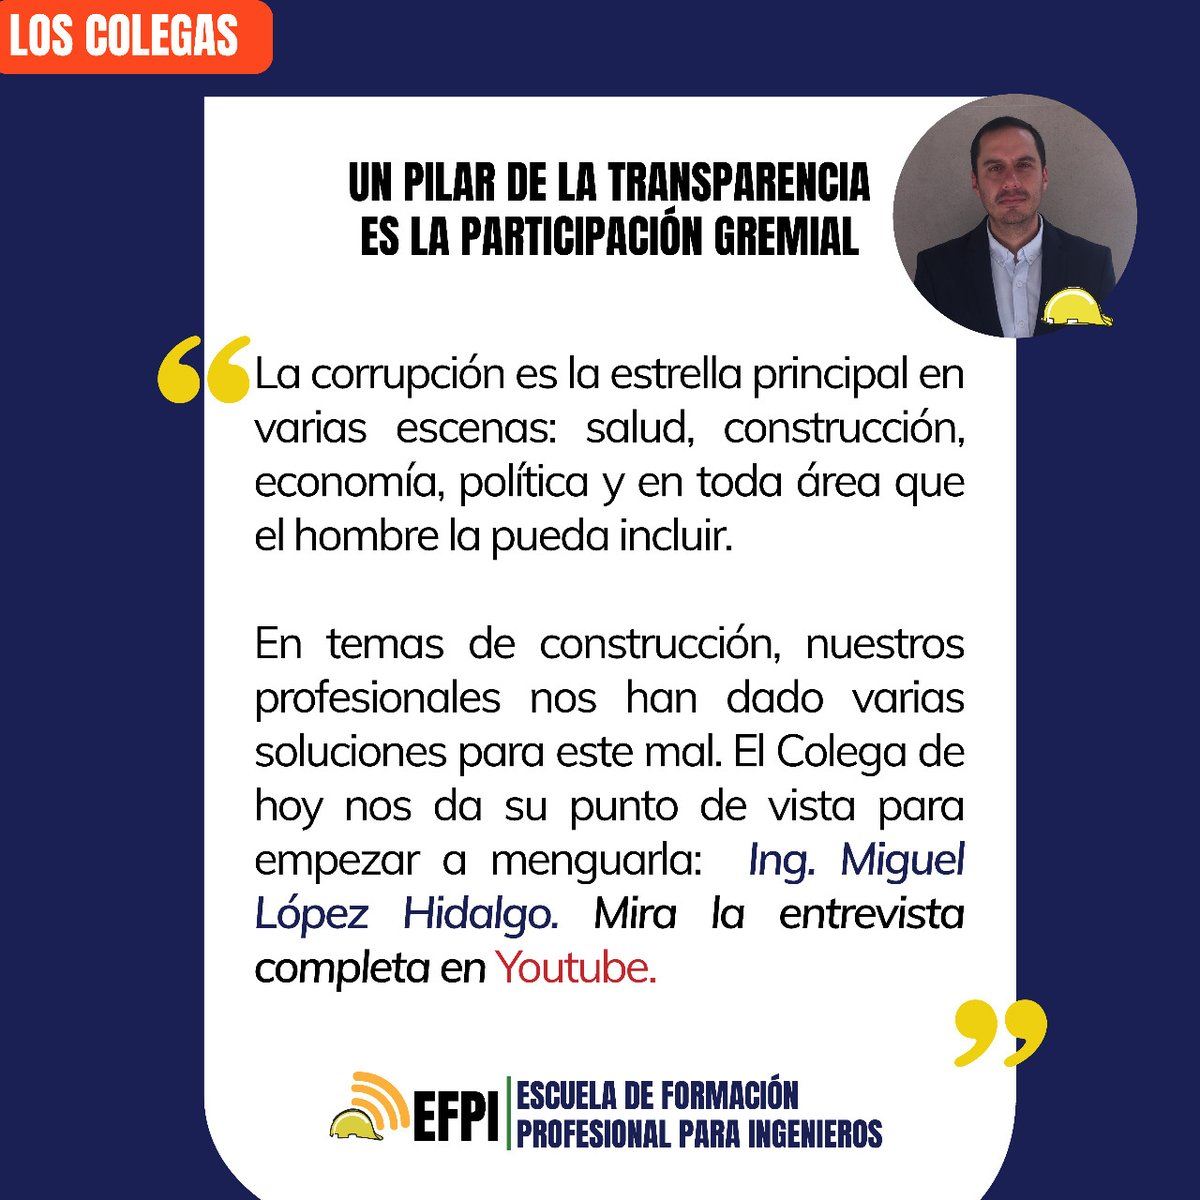 El @cica_azuay presenta su espacio #LosColegas. Esta semana nos acompaña el Ing. Miguel López, Decano de la Facultad de Ciencia y Tecnología de la @uazuay quien aporta datos importantes para el sector.  Mira la entrevista completa en #Youtube: https://t.co/bSxP1fneoU